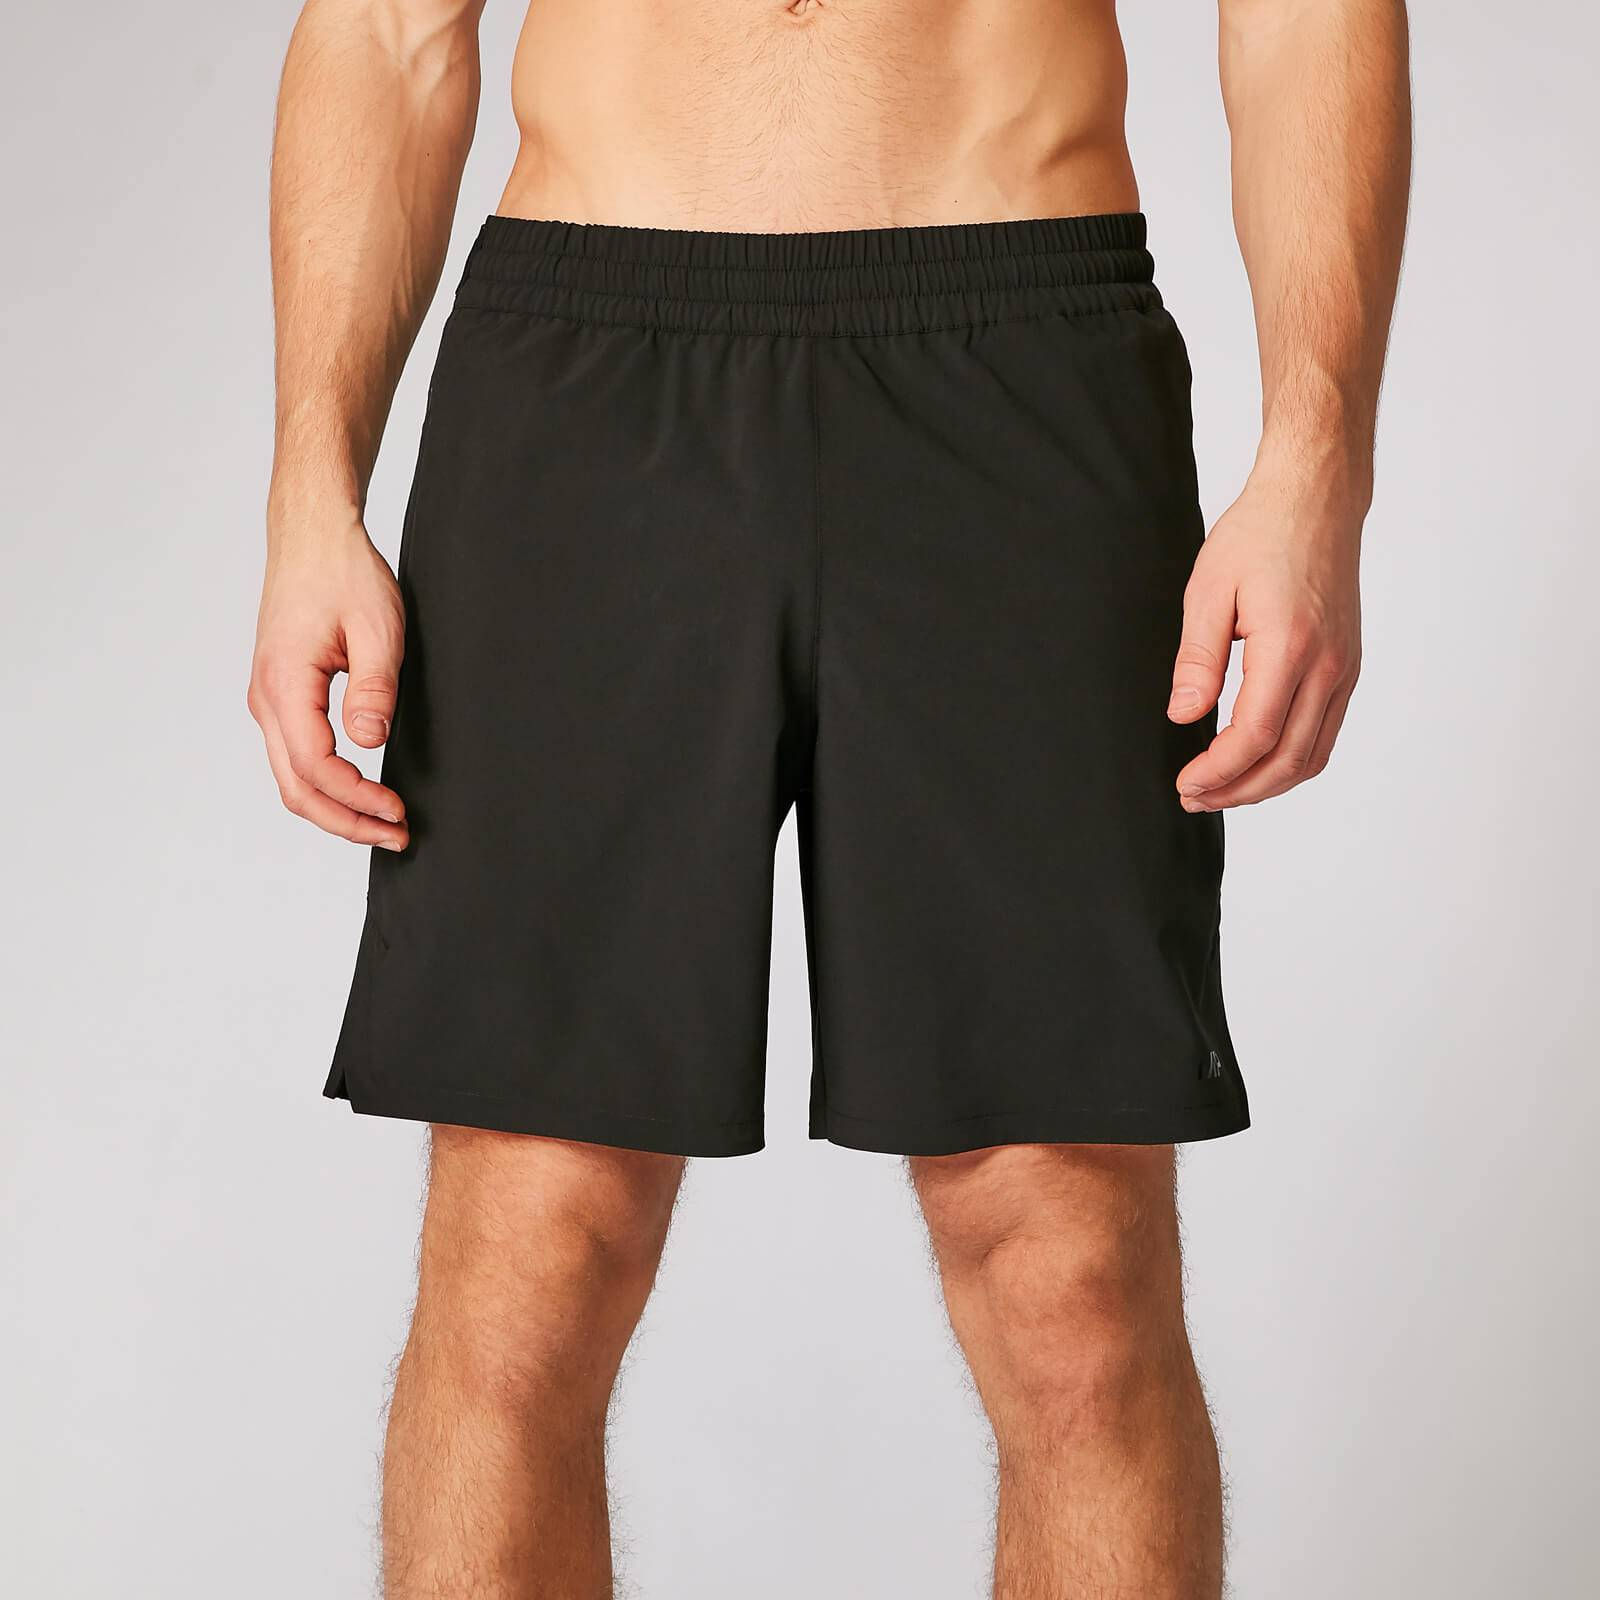 Myprotein Sprint 7 inch Shorts - Black - XS